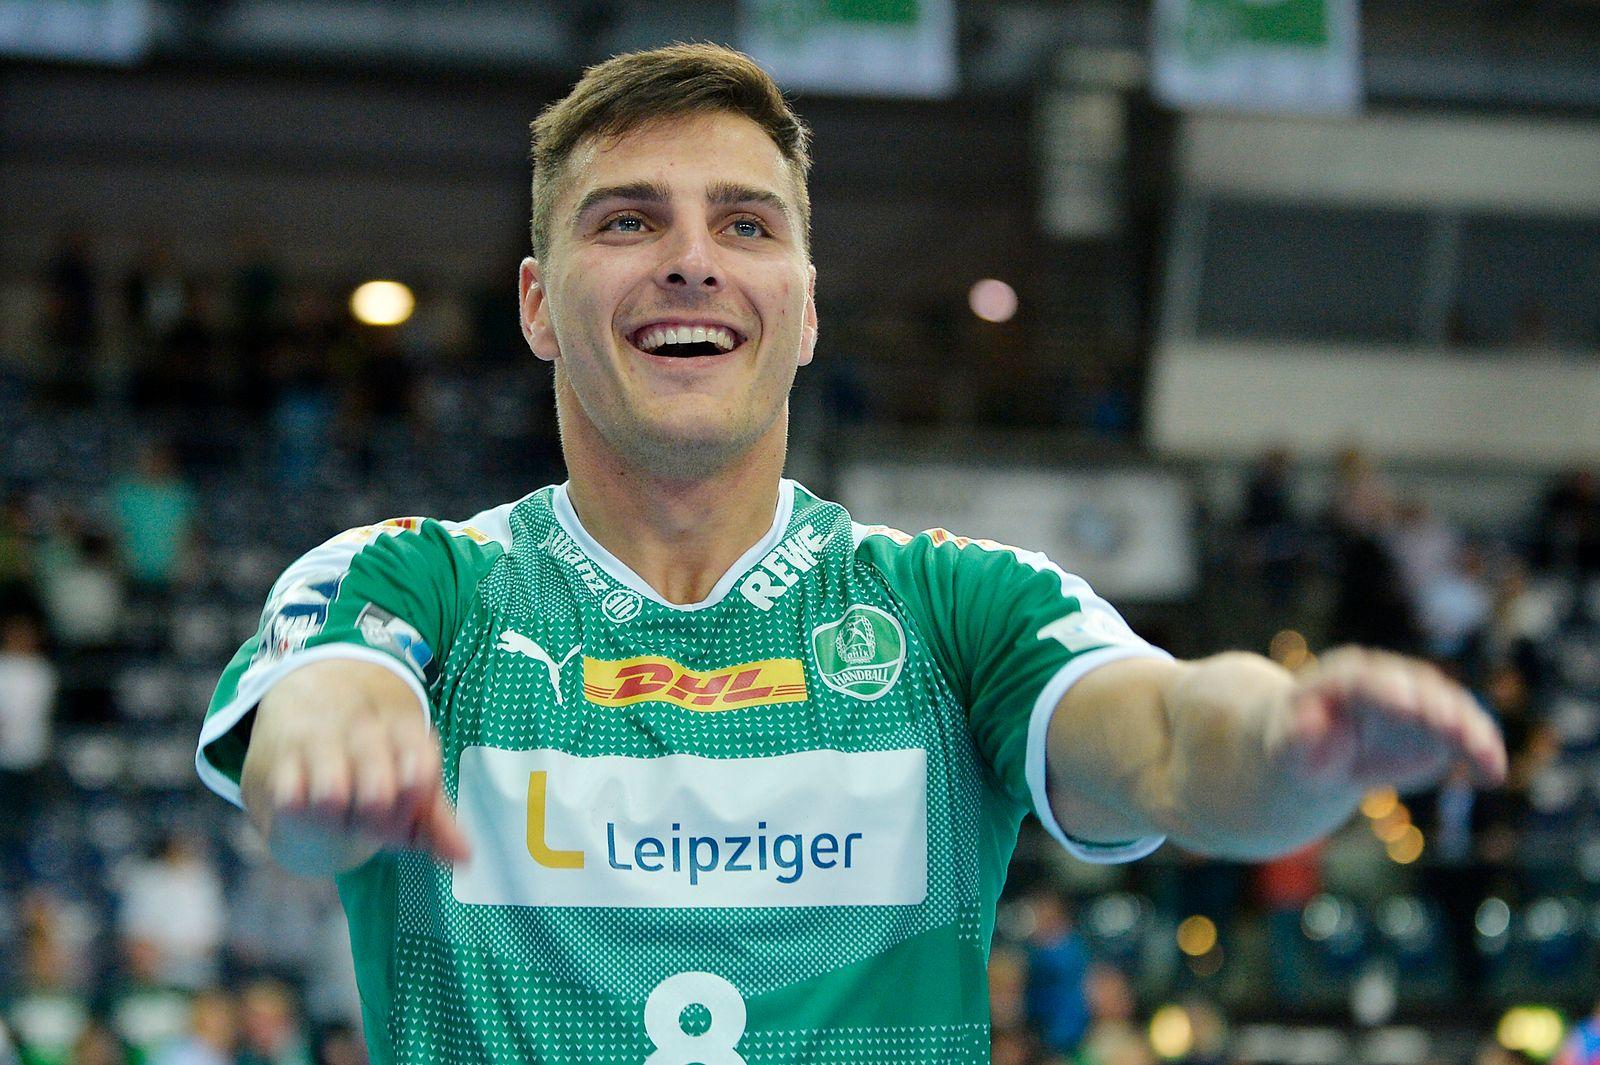 LIQUI MOLY Handball-Bundesliga 2019/2020, 9. Spieltag, SC DHfK Leipzig vs. HBW Balingen-Weilstetten (10.10.2019) Lucas K